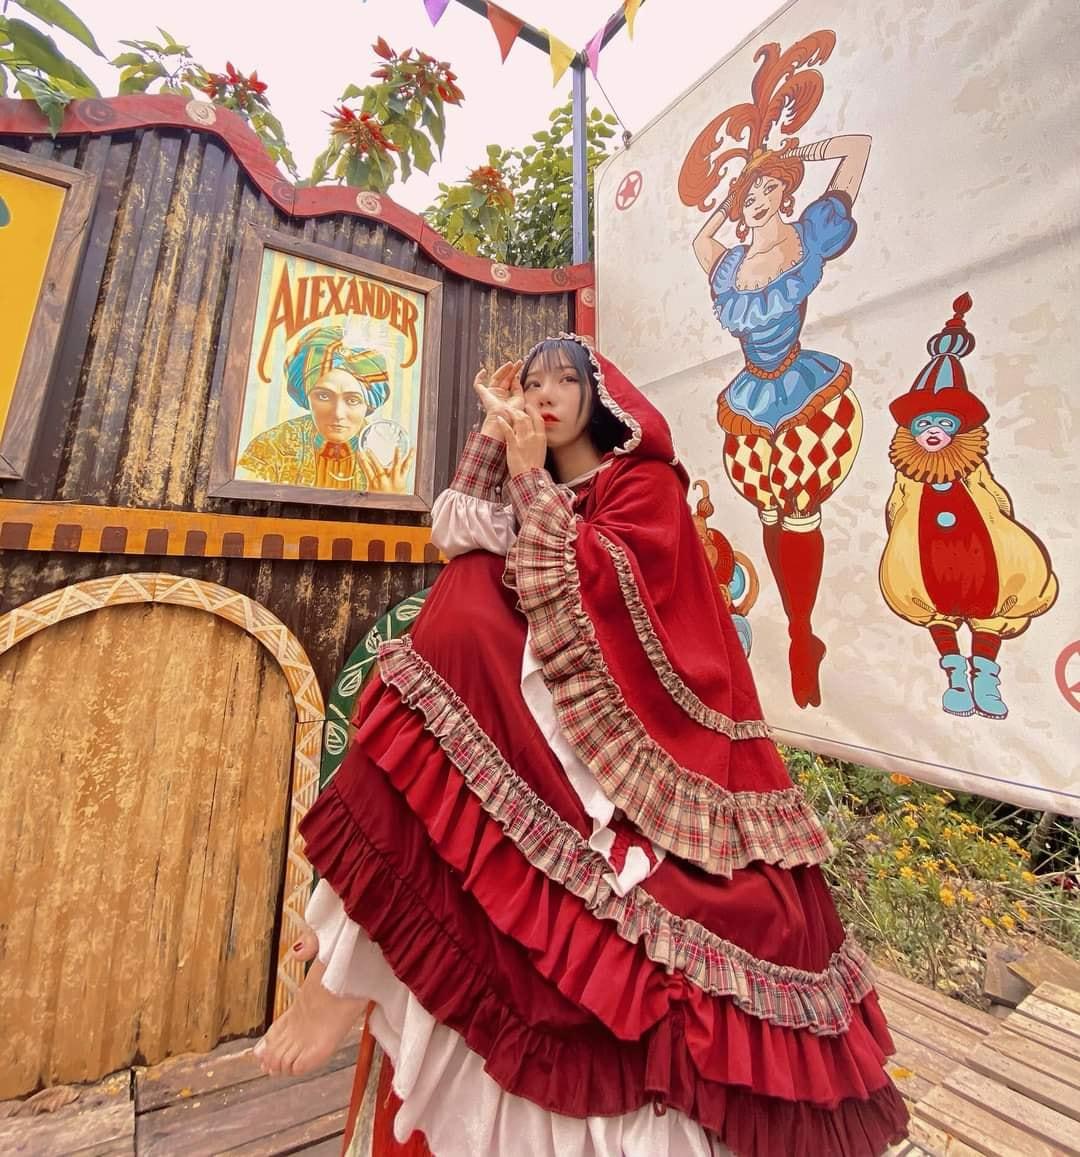 Săn ngay bộ ảnh ảo diệu tại ngôi làng phép thuật Magic Land, điểm check-in mới tại Đà Lạt - Ảnh 17.